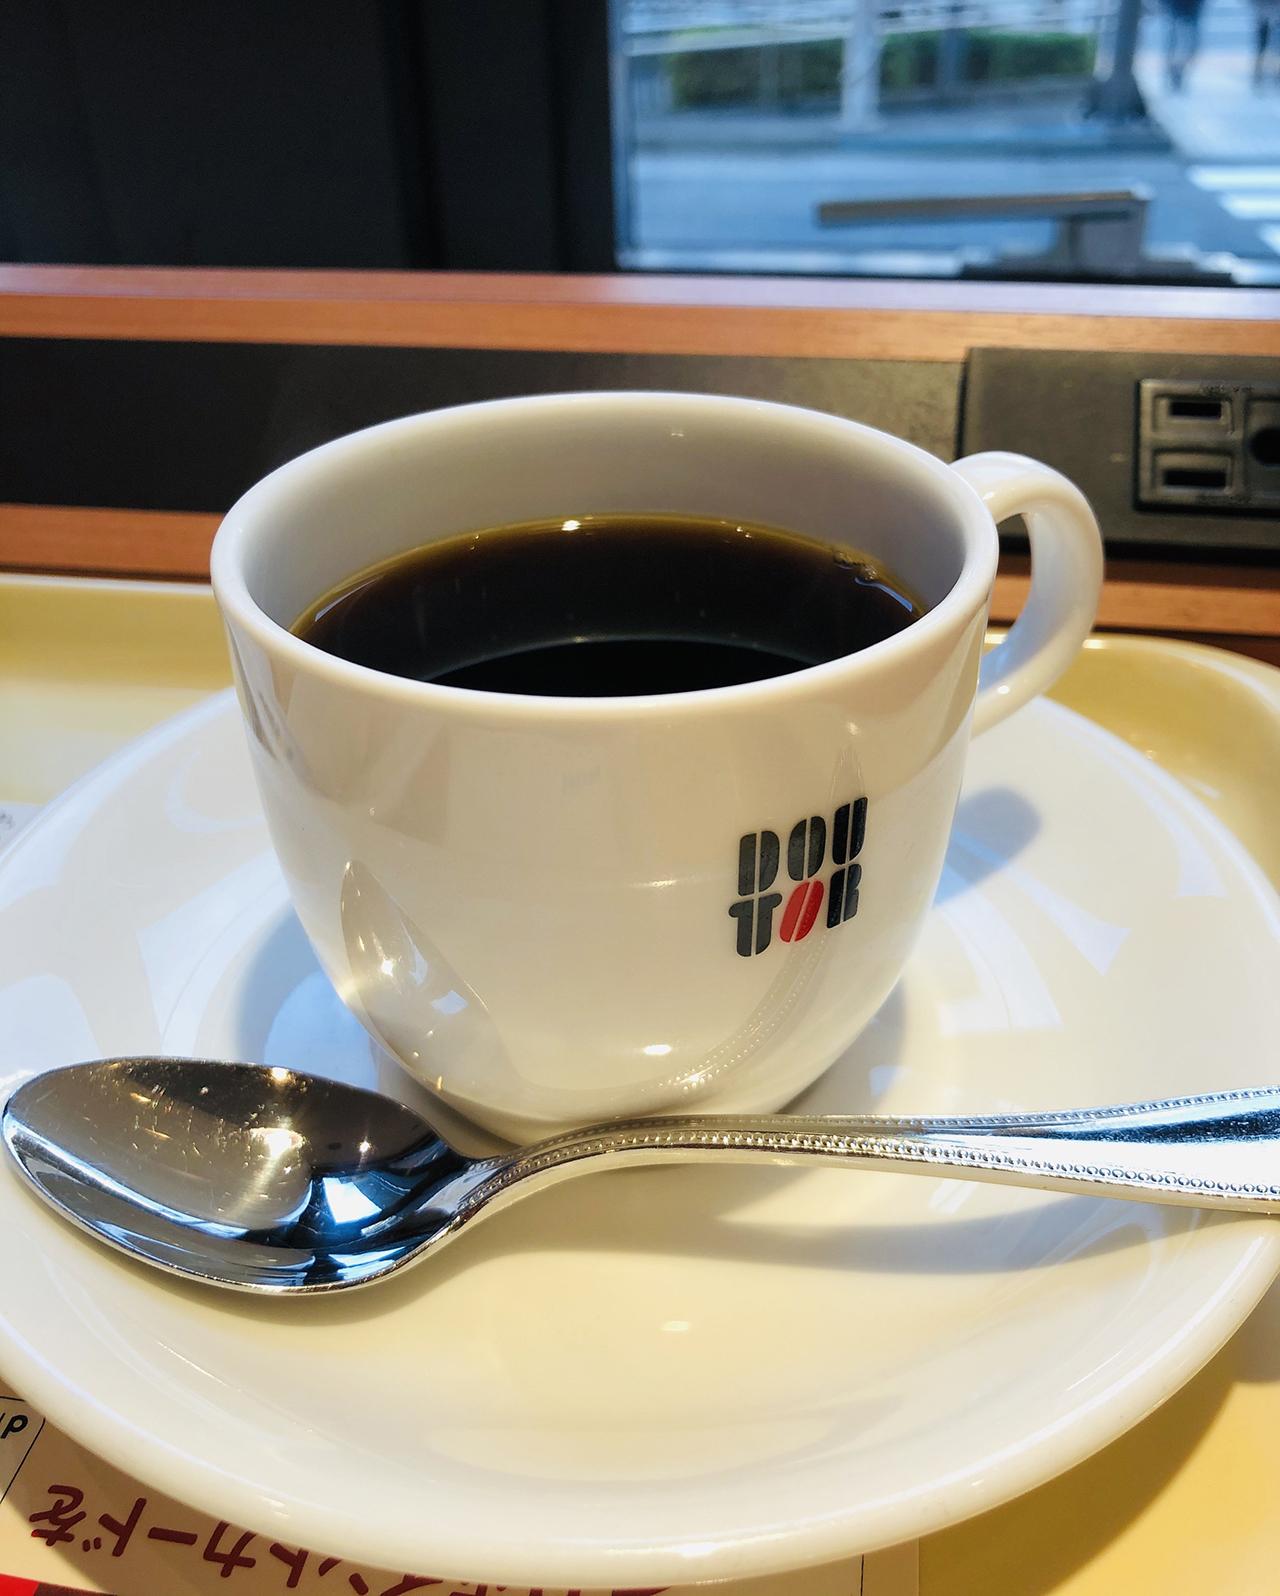 ドトールコーヒーショップ 千葉県庁前駅前店の投稿写真8